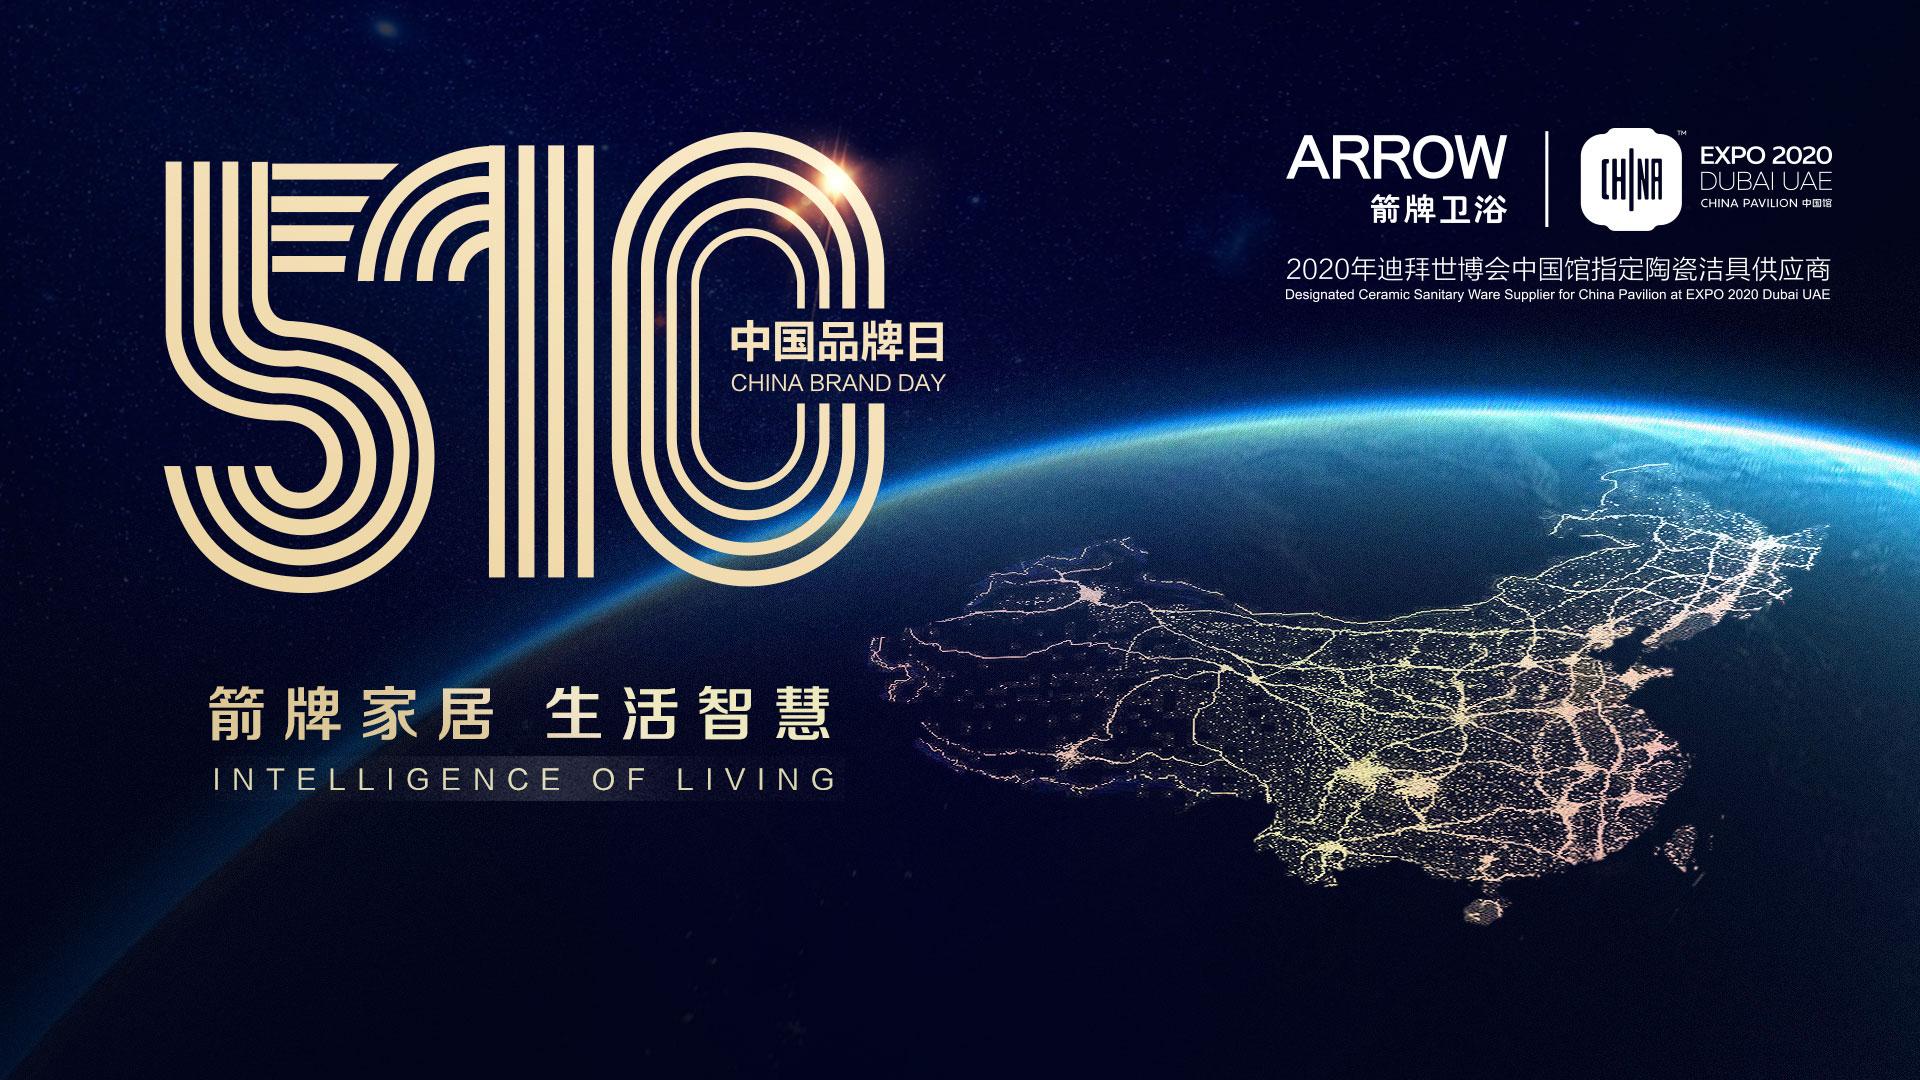 箭牌卫浴与中国品牌日的律动:世界共享